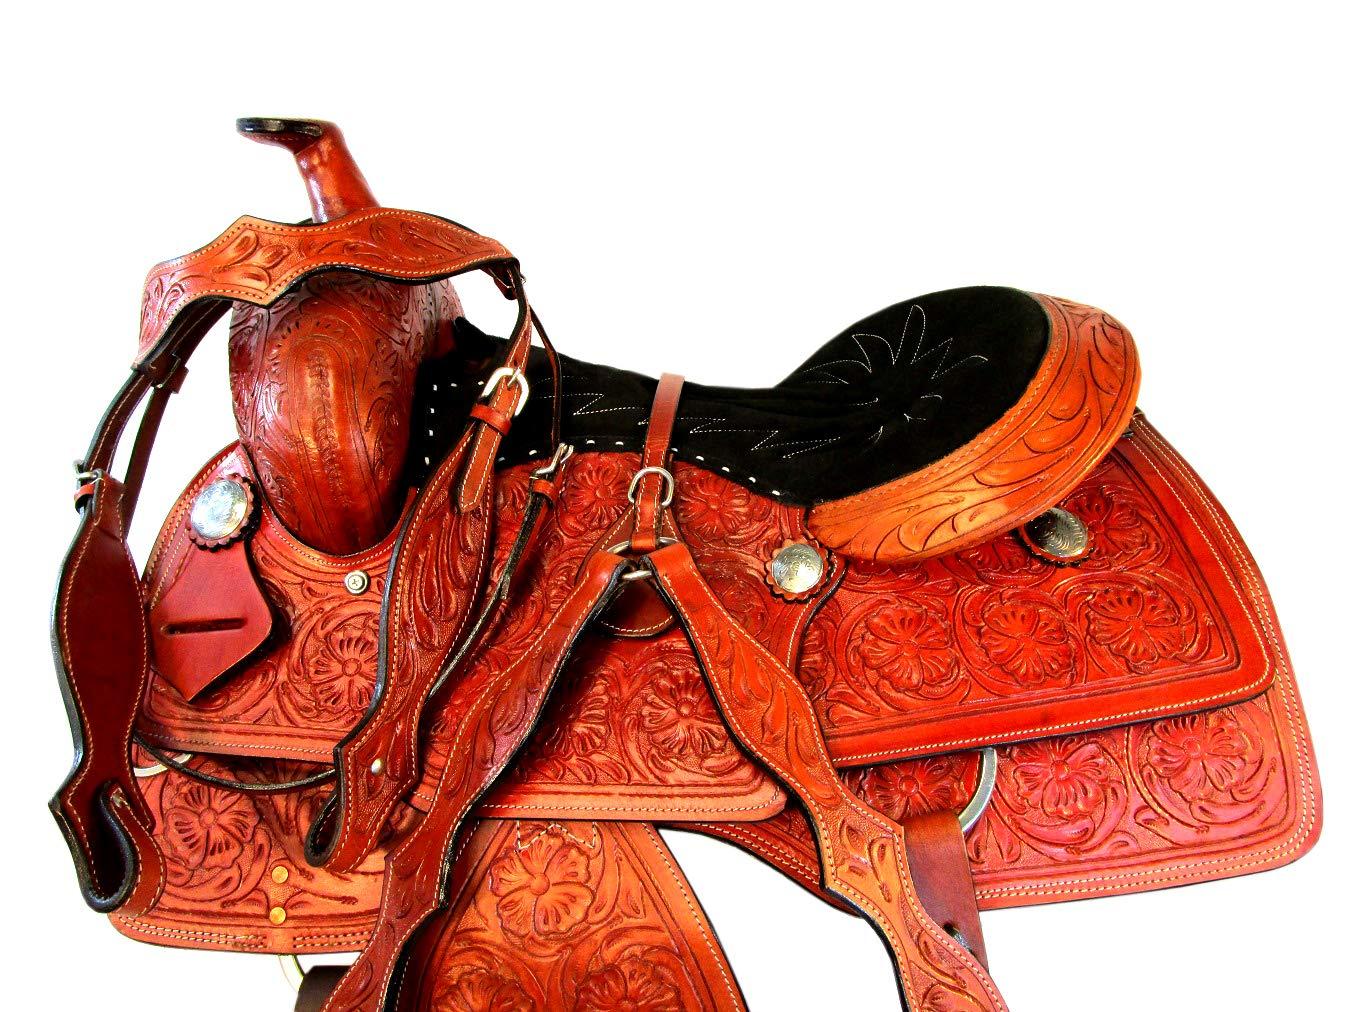 Orlov Hill Leather Co 快適なトレイルプレジャー 15 16 17 牧場ロープウェスタンホースツールローパーサドルタック 17  B07NYB413Y